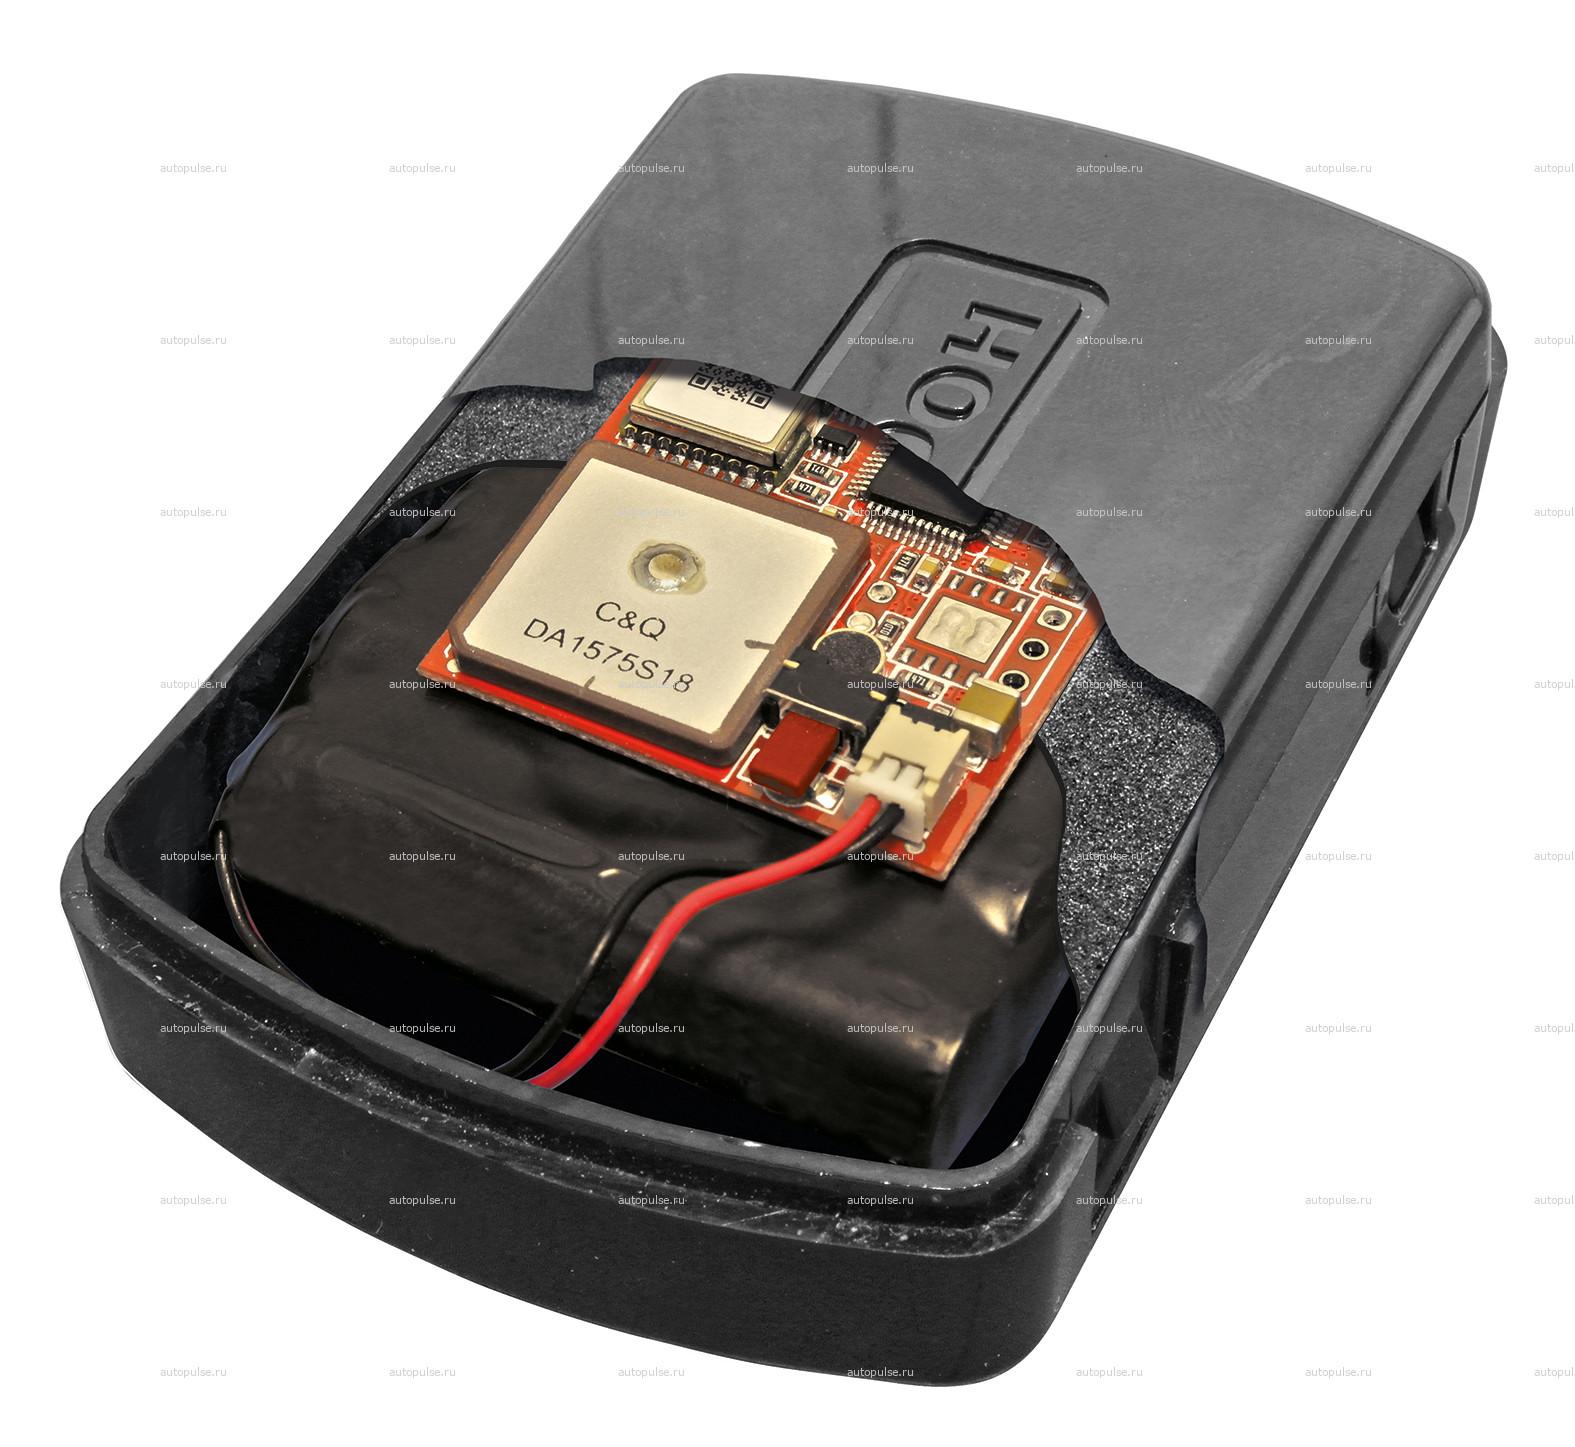 АвтоФон GPS маяк АЛЬФА 2XL ГЛОНАСС — описание модели, характеристики, отзывы